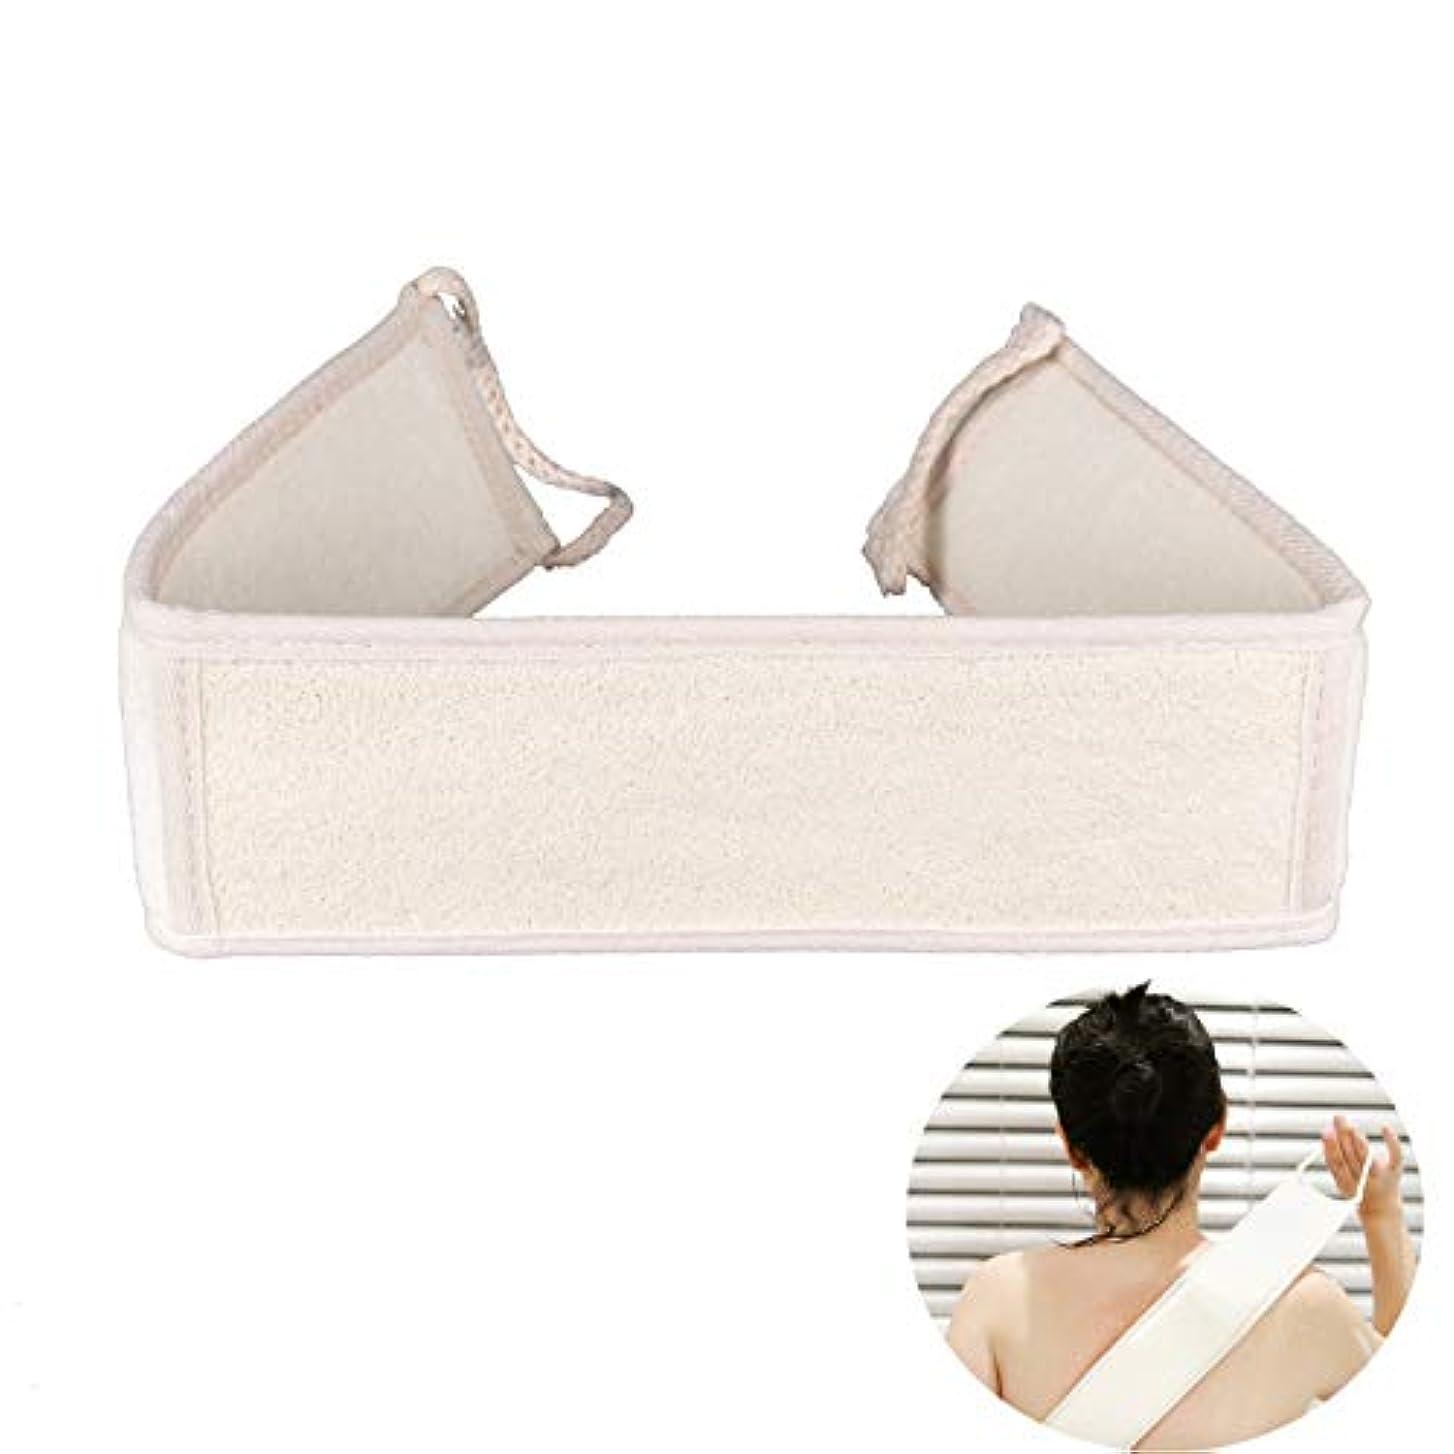 右証明するエイリアスボディブラシ ロング 背中洗い ナチュラルエクスフォリエーションルーファバックシャワースクラバー、ディープクリーン&エクスフォリエーション、肌の爽快感、健康と美容に良い